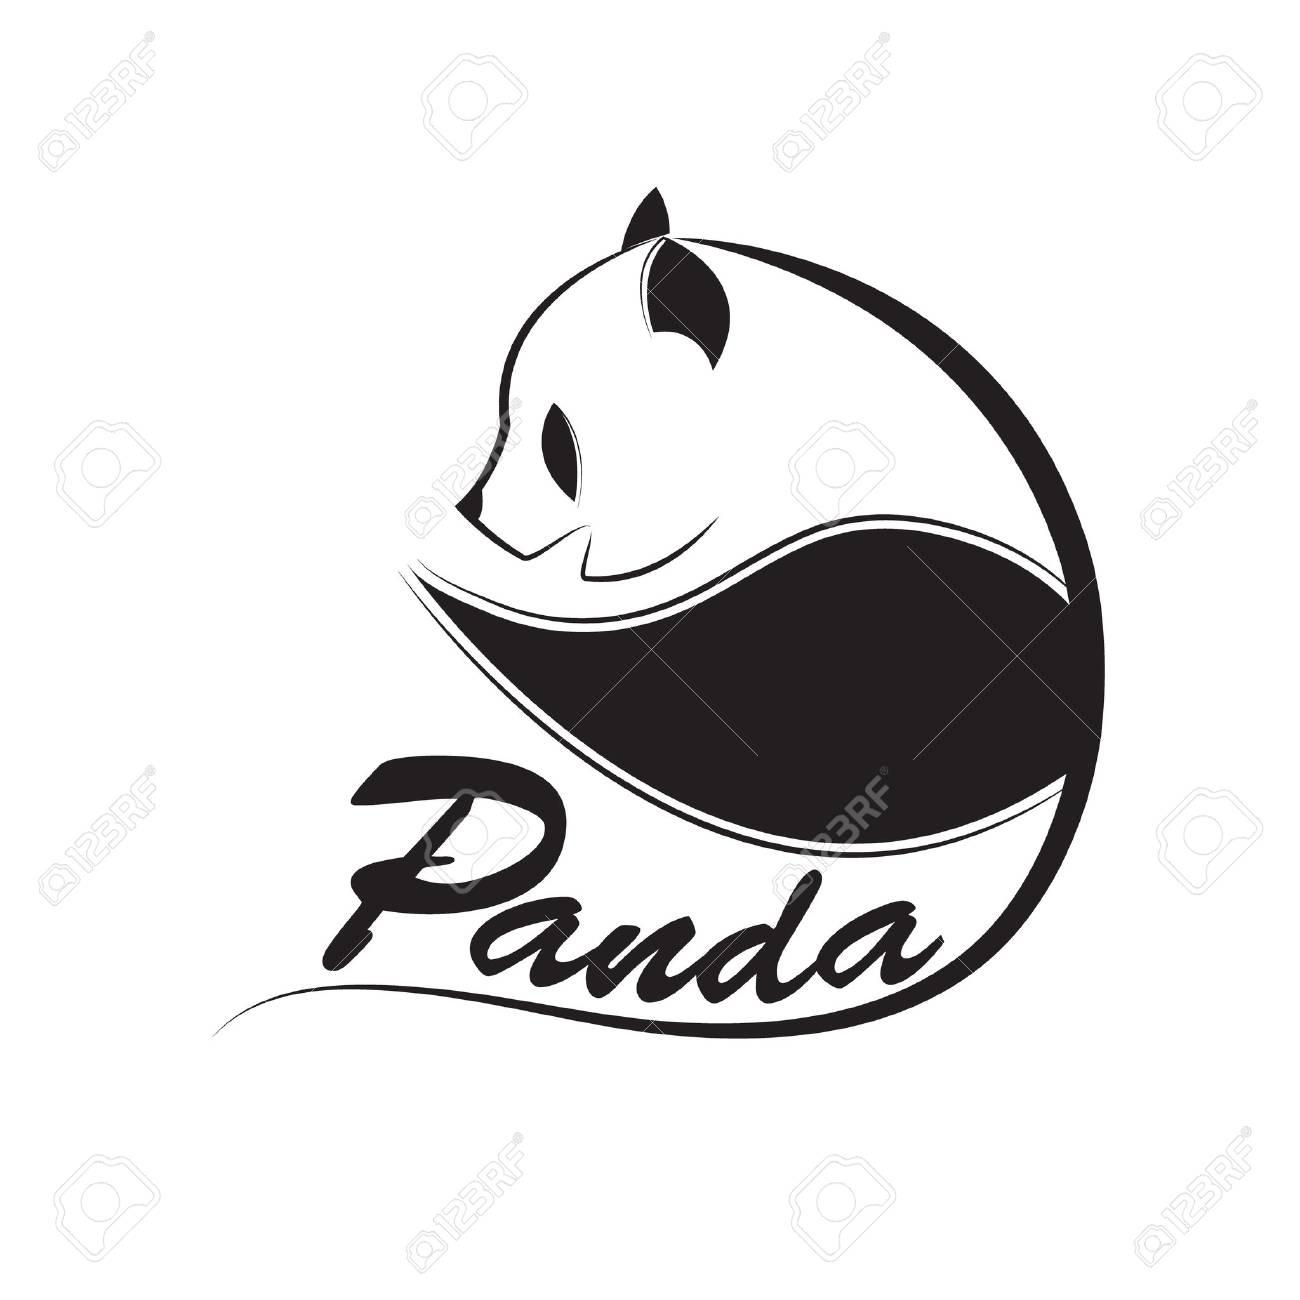 panda logo design vector. - 88055792